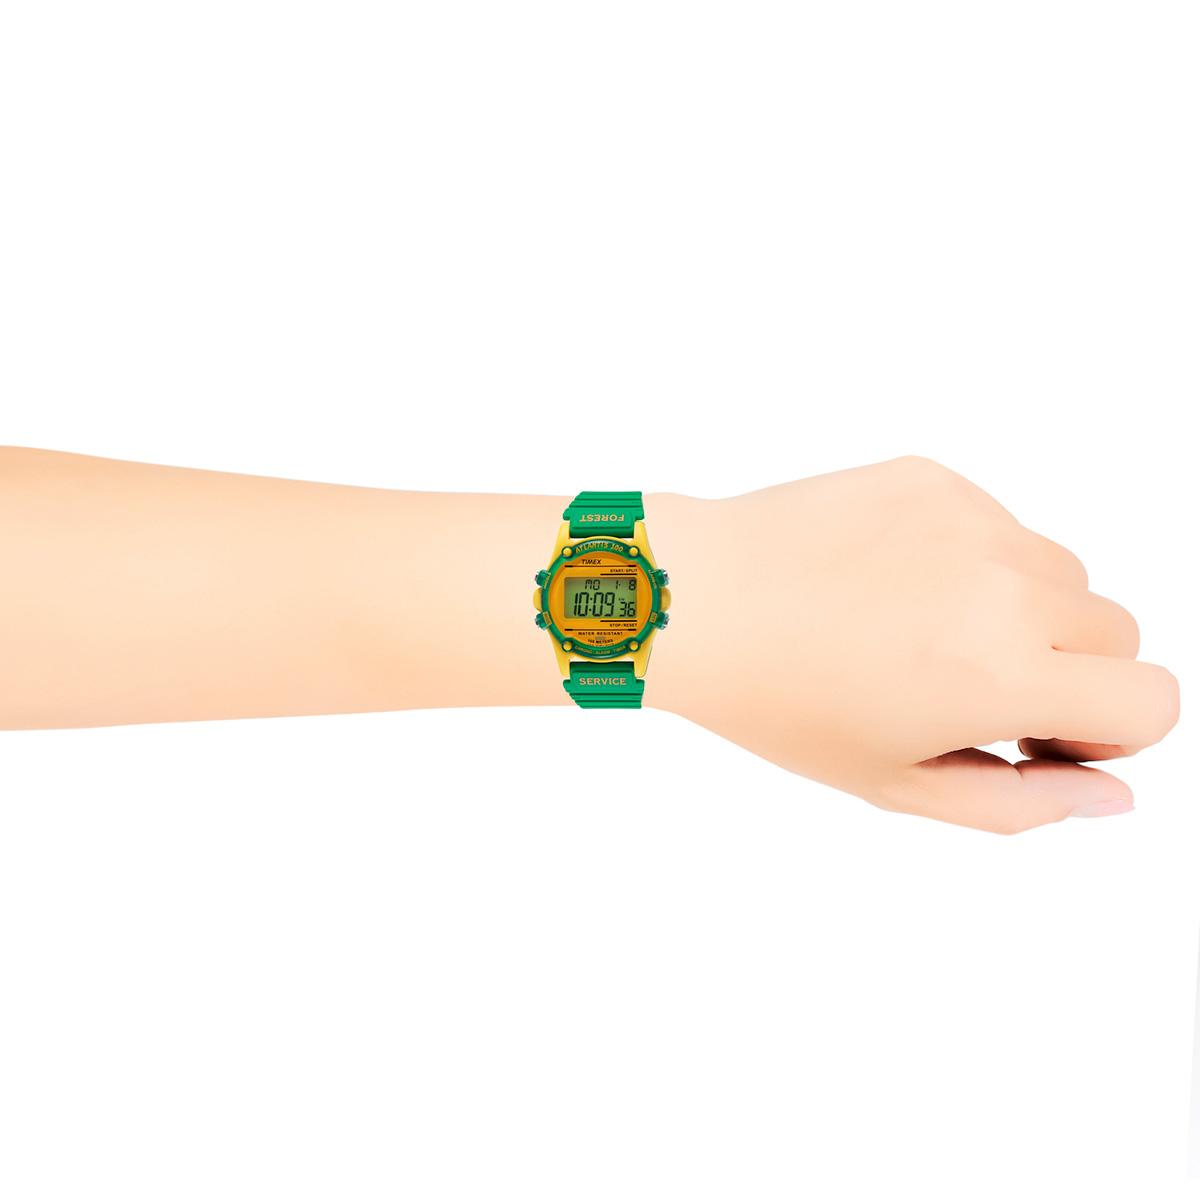 タイメックス TIMEX 限定モデル 腕時計 メンズ アトランティス フォレストサービス Atlantis Forest Service TW2U91400